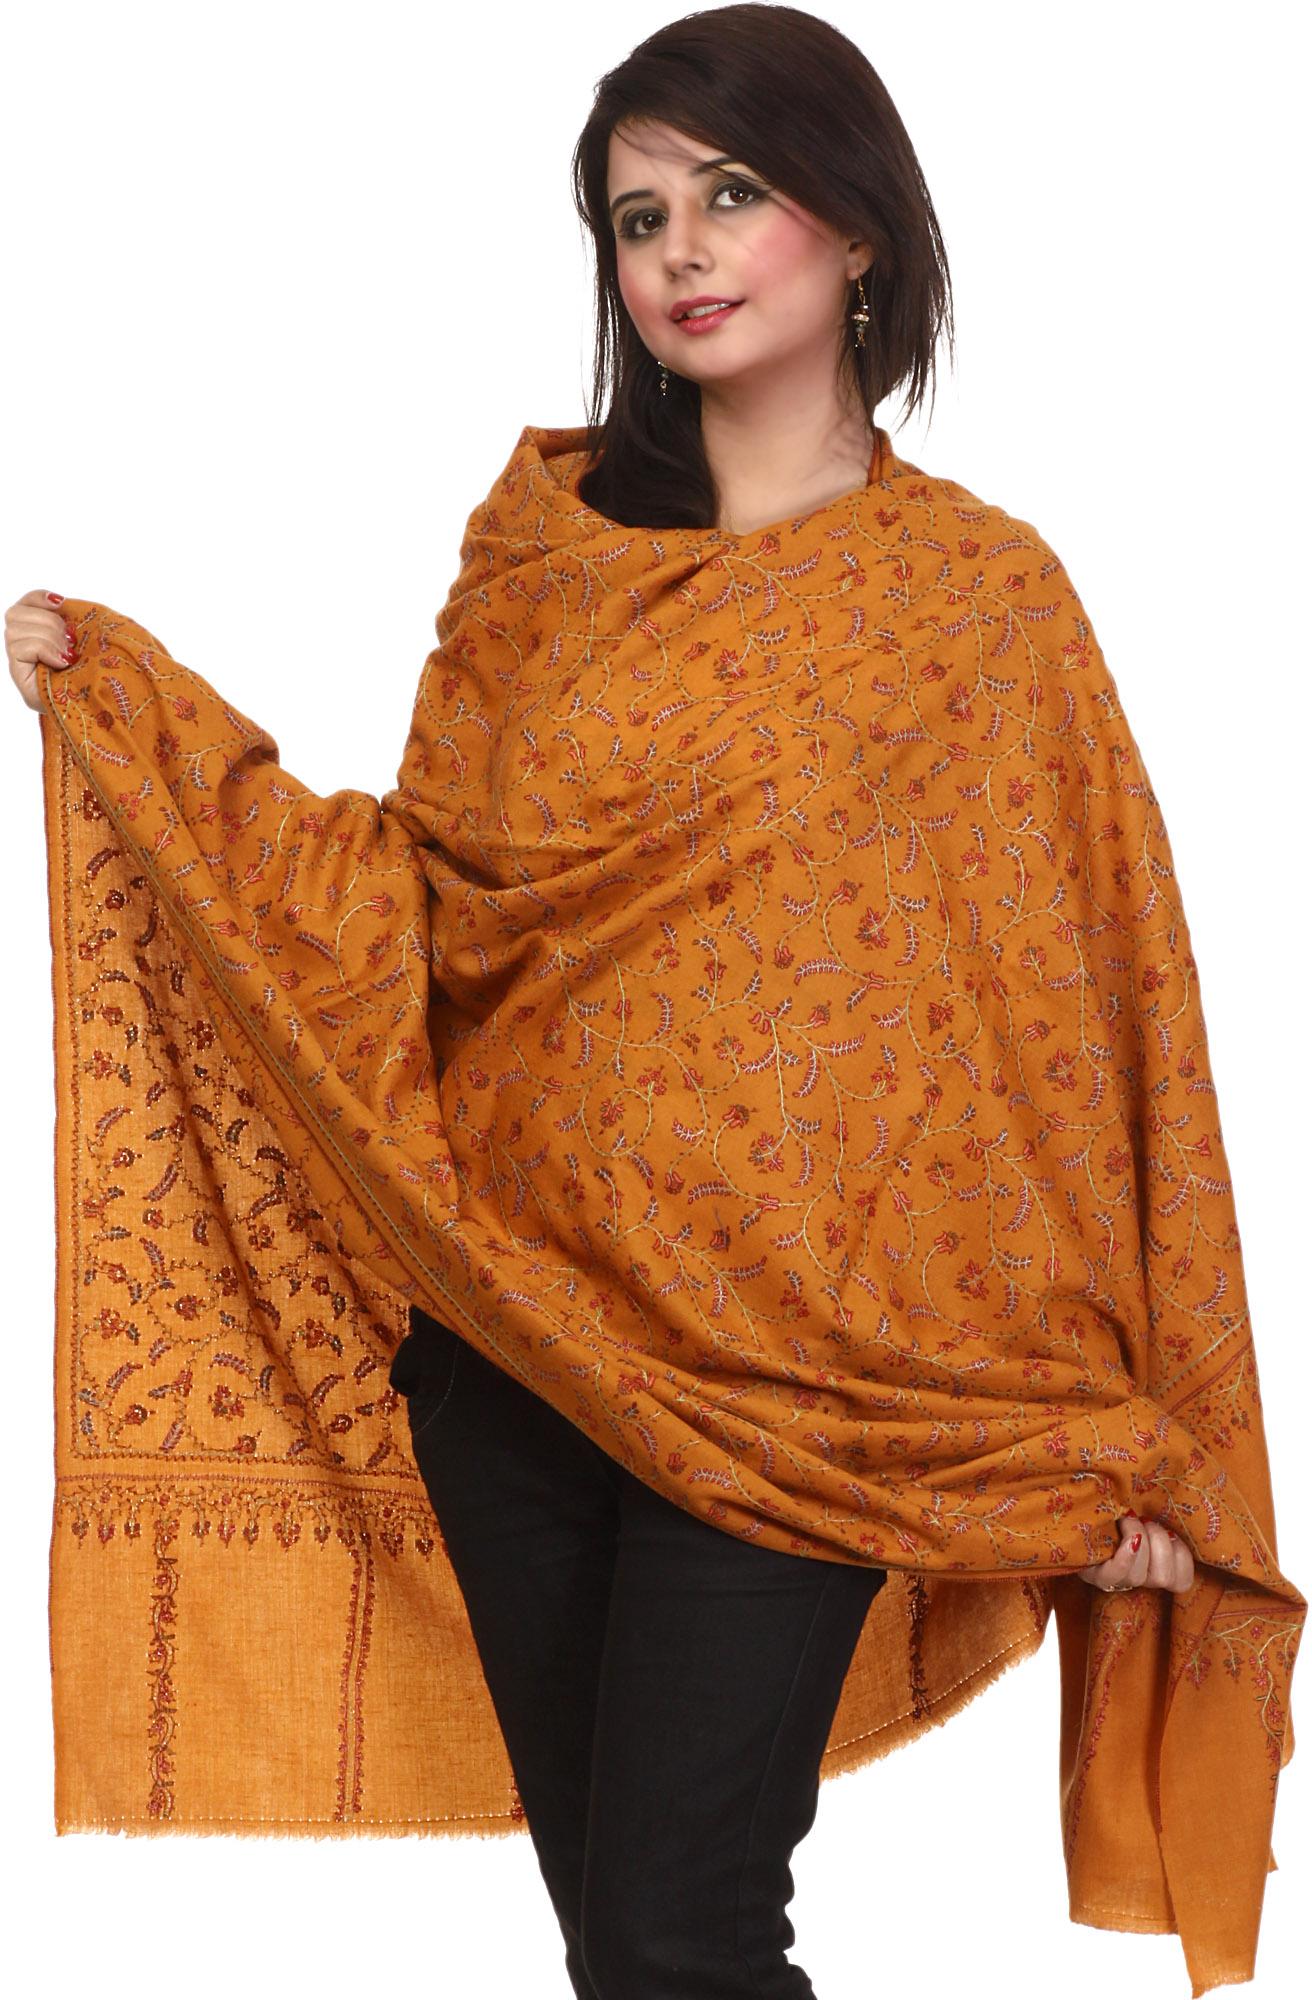 mustard pashmina shawl from kashmir with sozni